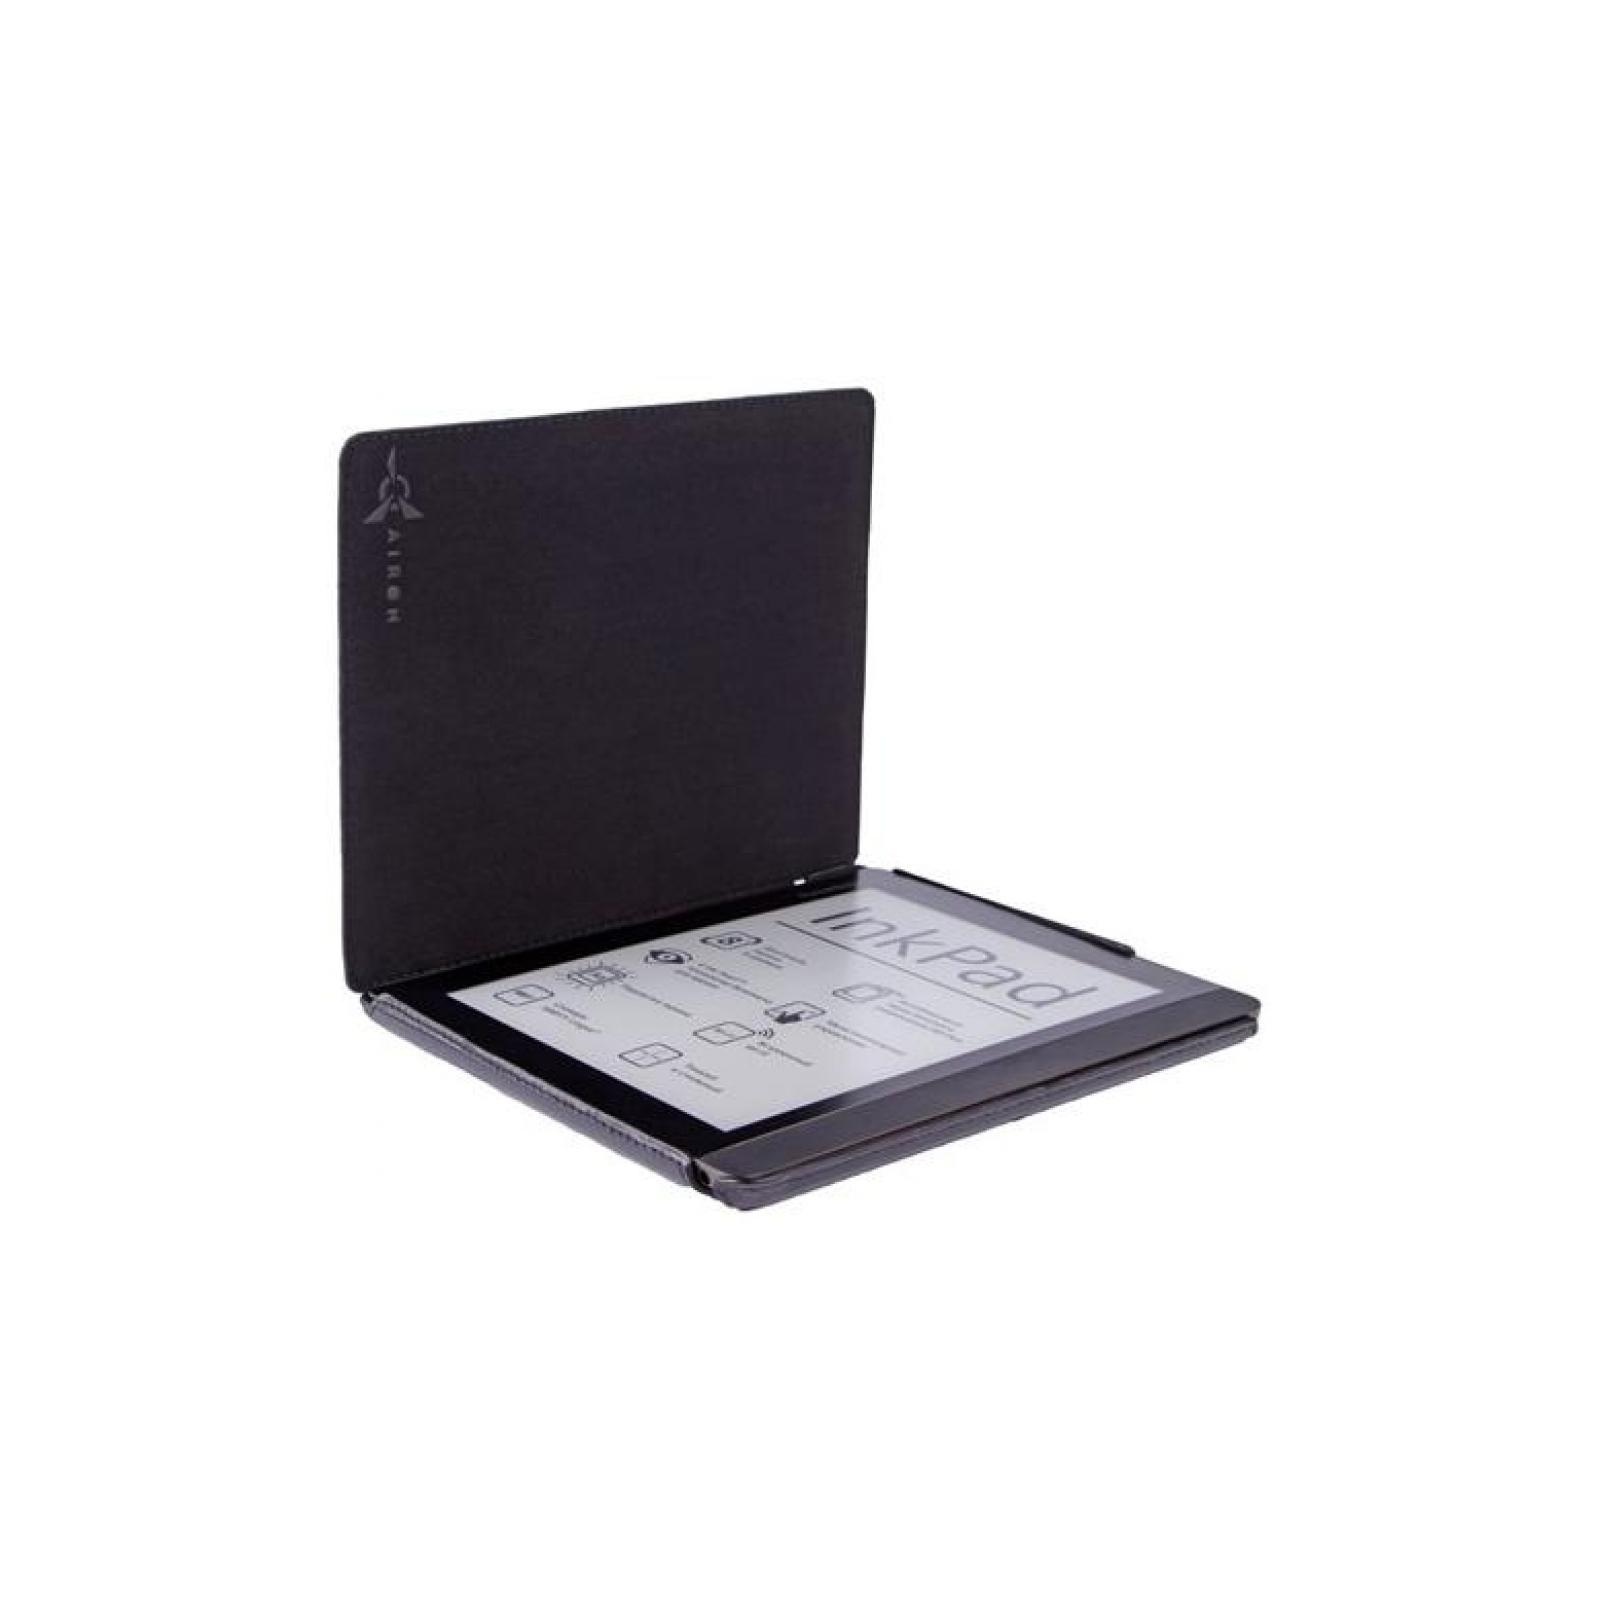 Чехол для электронной книги AirOn для PocketBook 840 (4821784622003) изображение 4